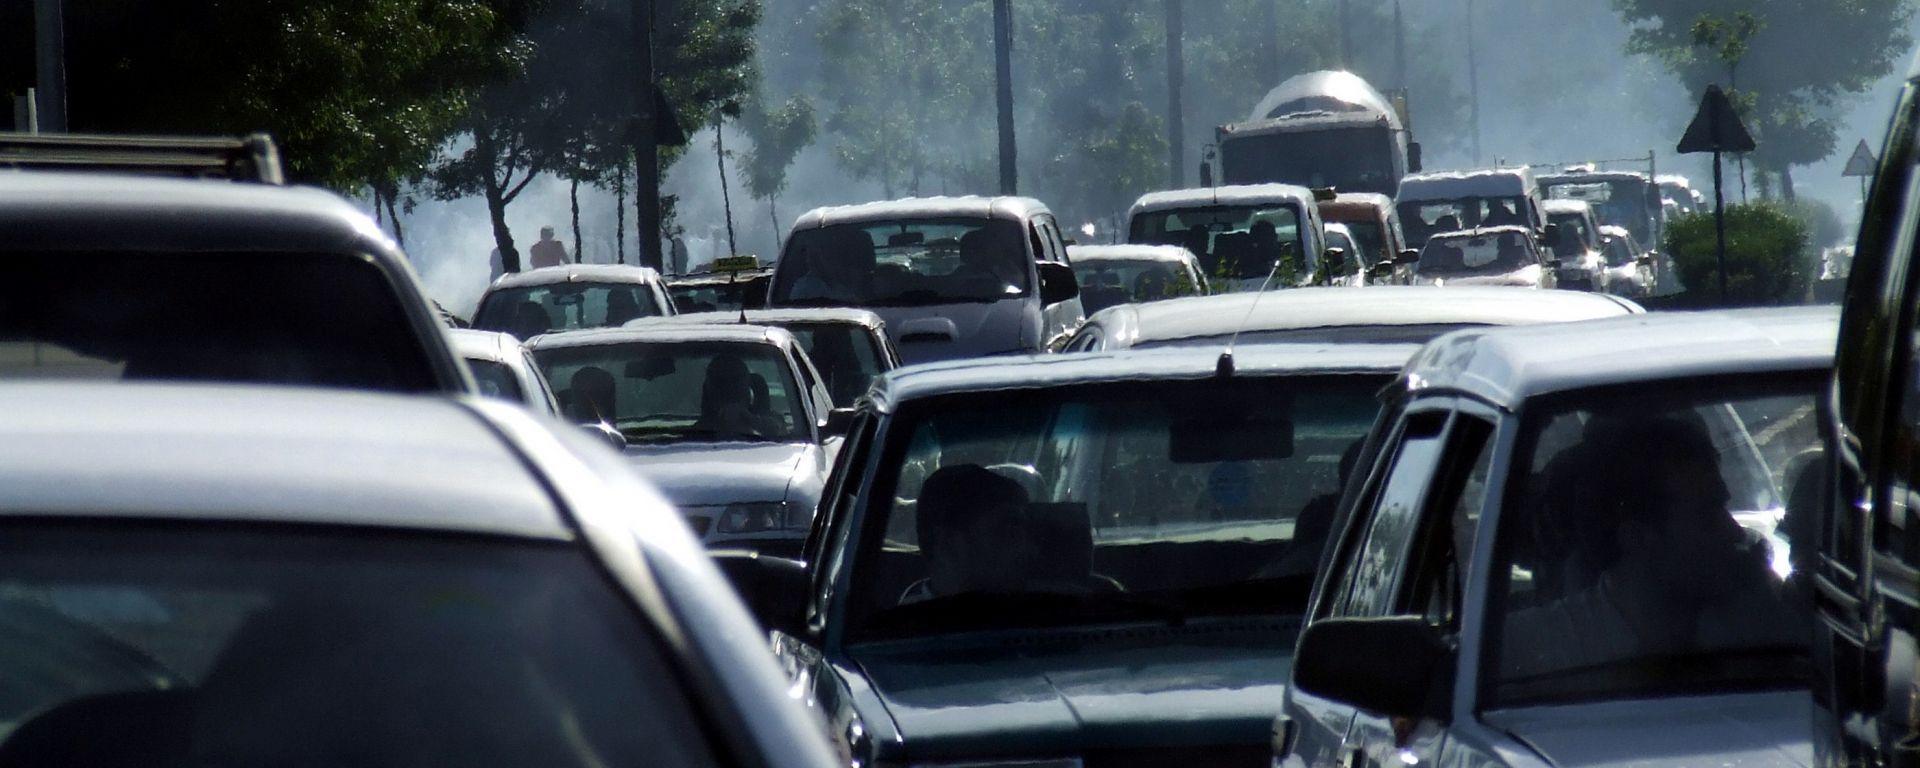 Diesel: la lotta continua. Banditi da Milano entro il 2025